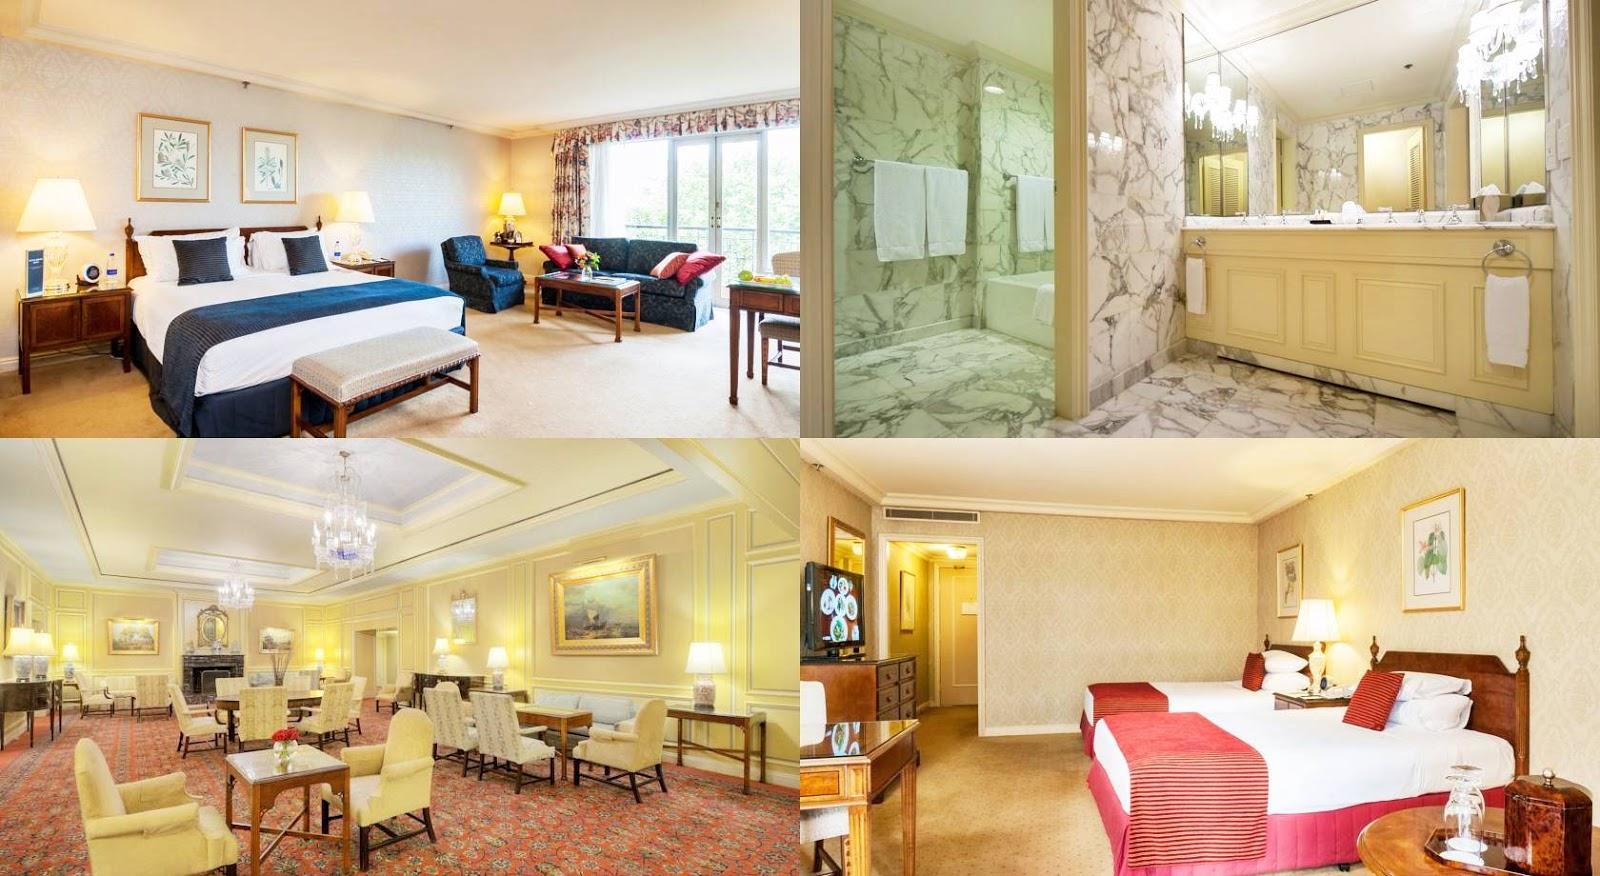 雪梨-住宿-推薦-斯坦福圓碼頭酒店-Sir-Stamford-Circular-Quay-飯店-旅館-酒店-公寓-民宿-澳洲-Sydney-Hotel-Apartment-Travel-Australia